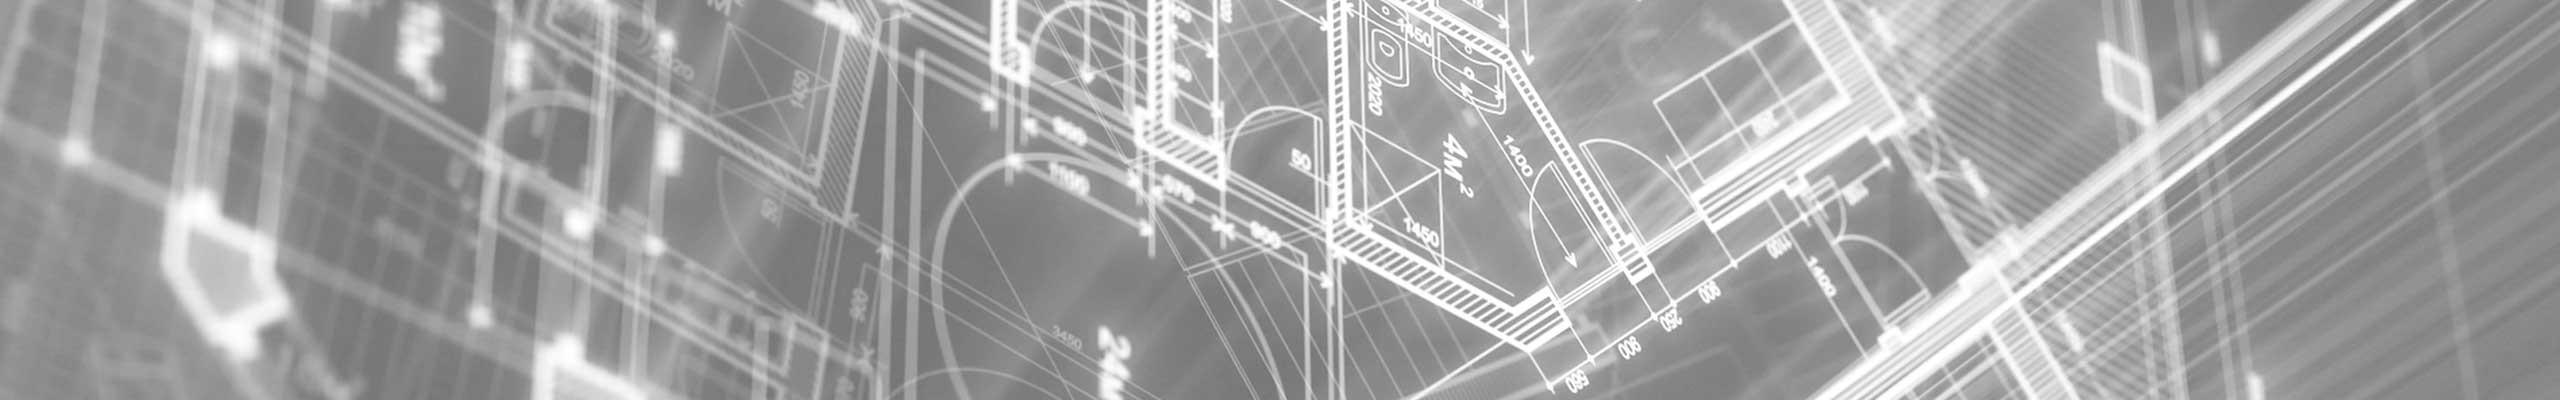 ss-blueprint